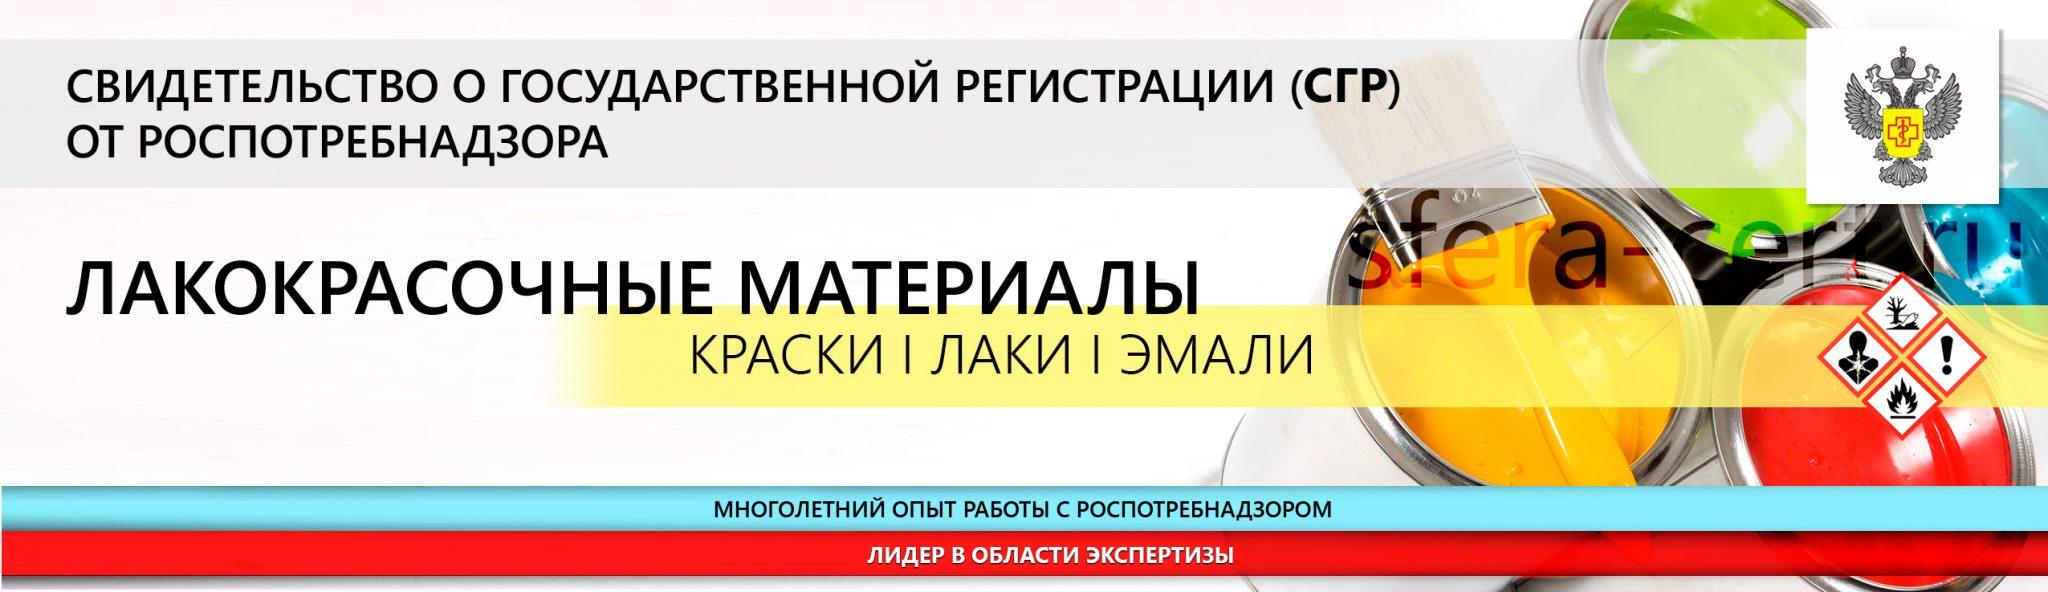 Государственная регистрация лакокрасочных материалов (ЛКМ)